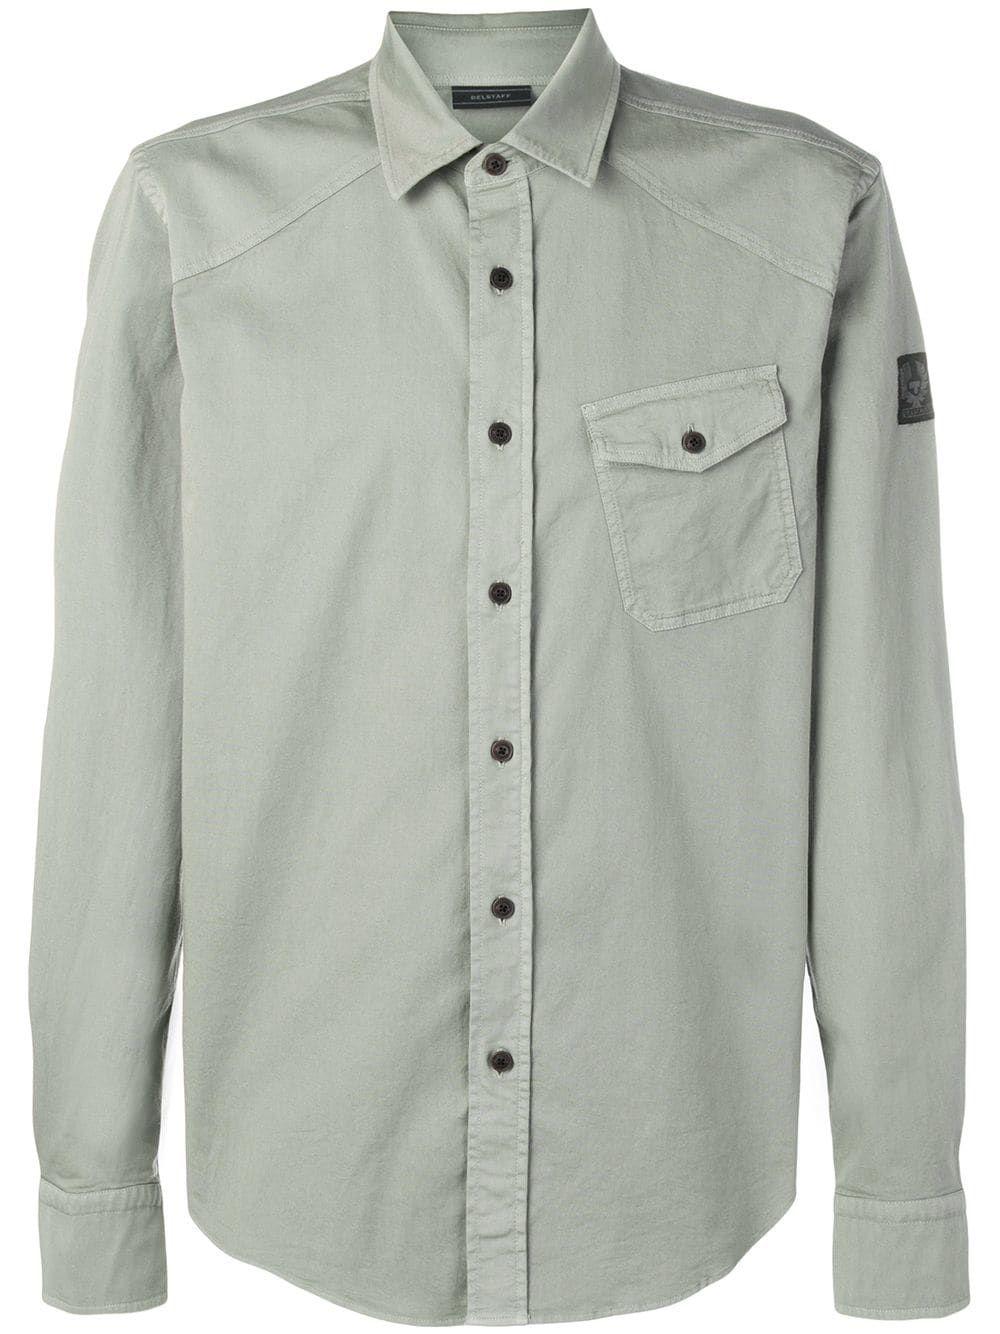 c83ff4a12f BELSTAFF BELSTAFF ANGLED POCKET SHIRT - GREEN.  belstaff  cloth ...